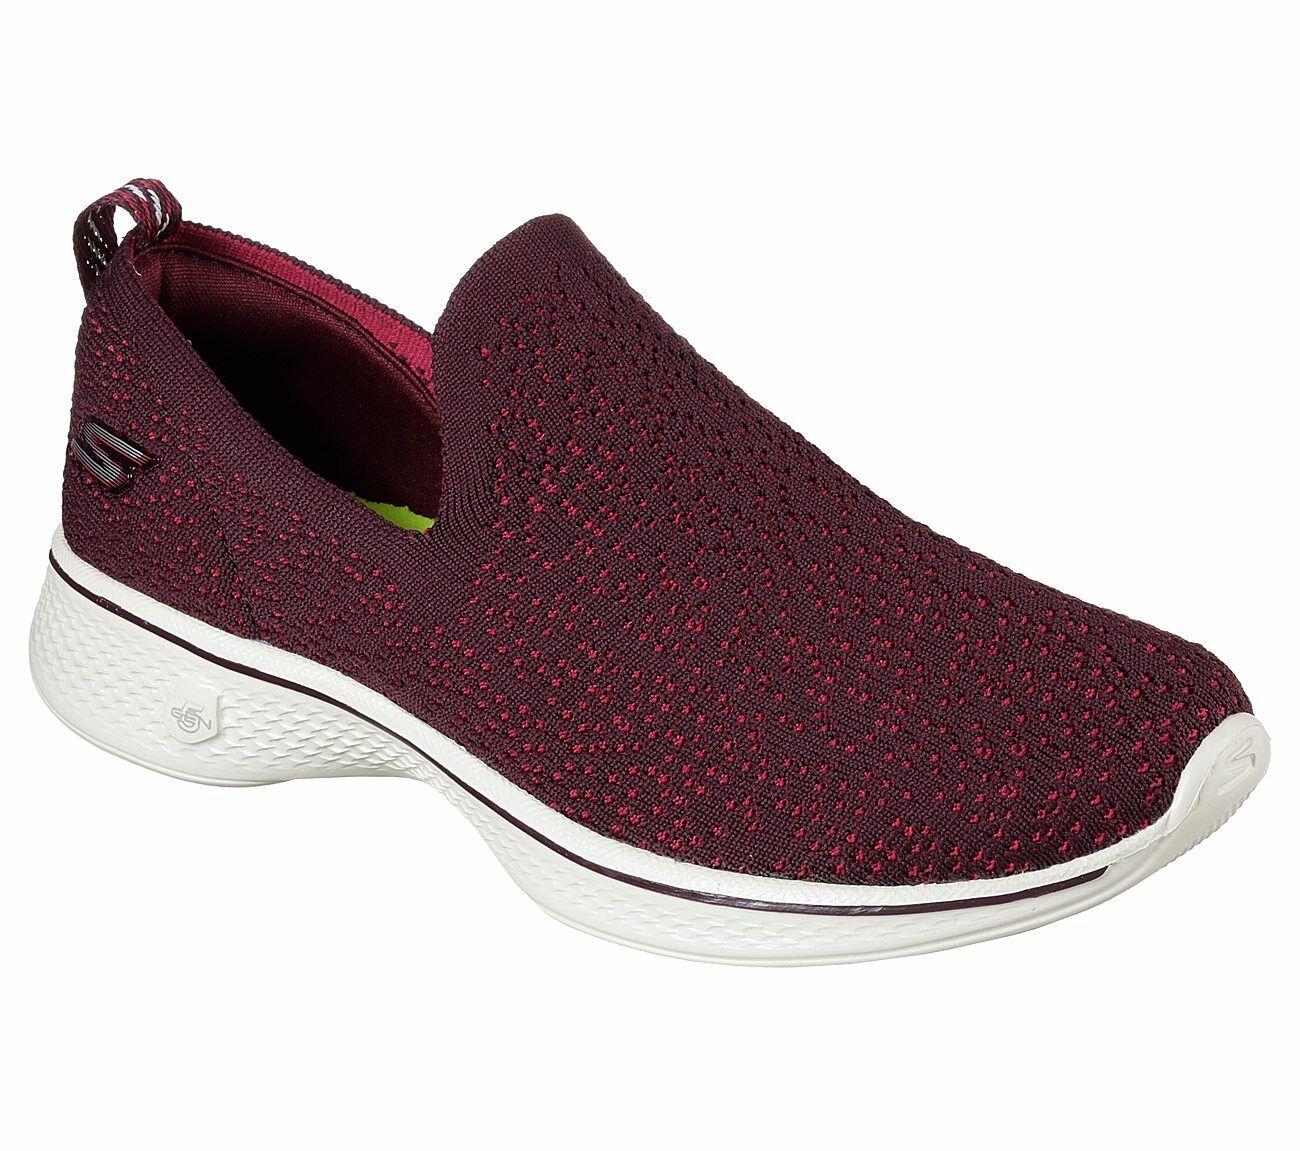 Skechers Burgundy shoes Go Walk 4 Women Light Mesh Slip On Comfort Casual 14918